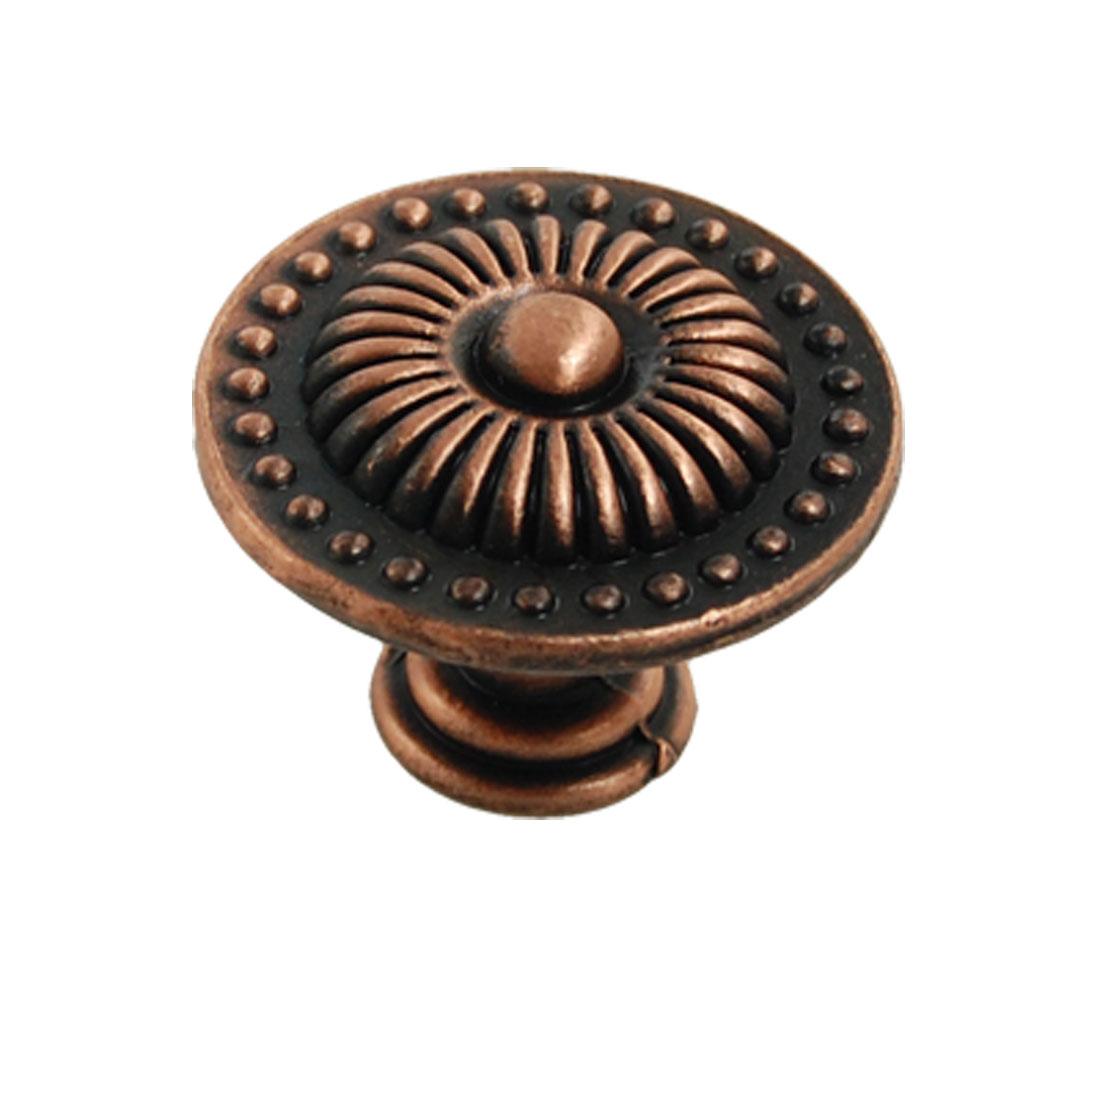 Flower Brass Drawer Cupboard Pull Knob Handle Hardware